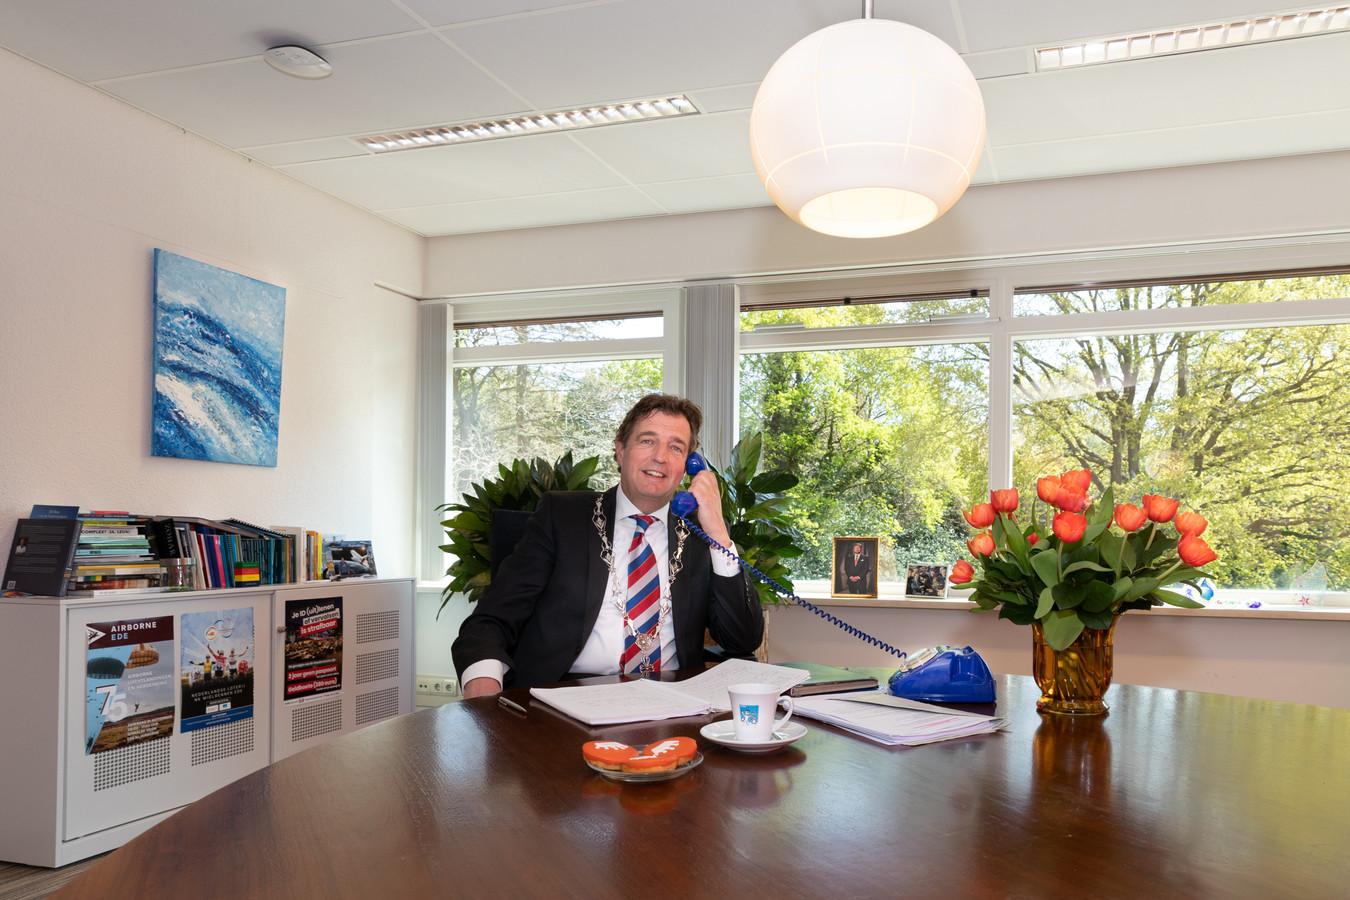 Burgemeester René Verhulst van Ede belt met een van de Edenaren die een koninklijke onderscheiding krijgt.